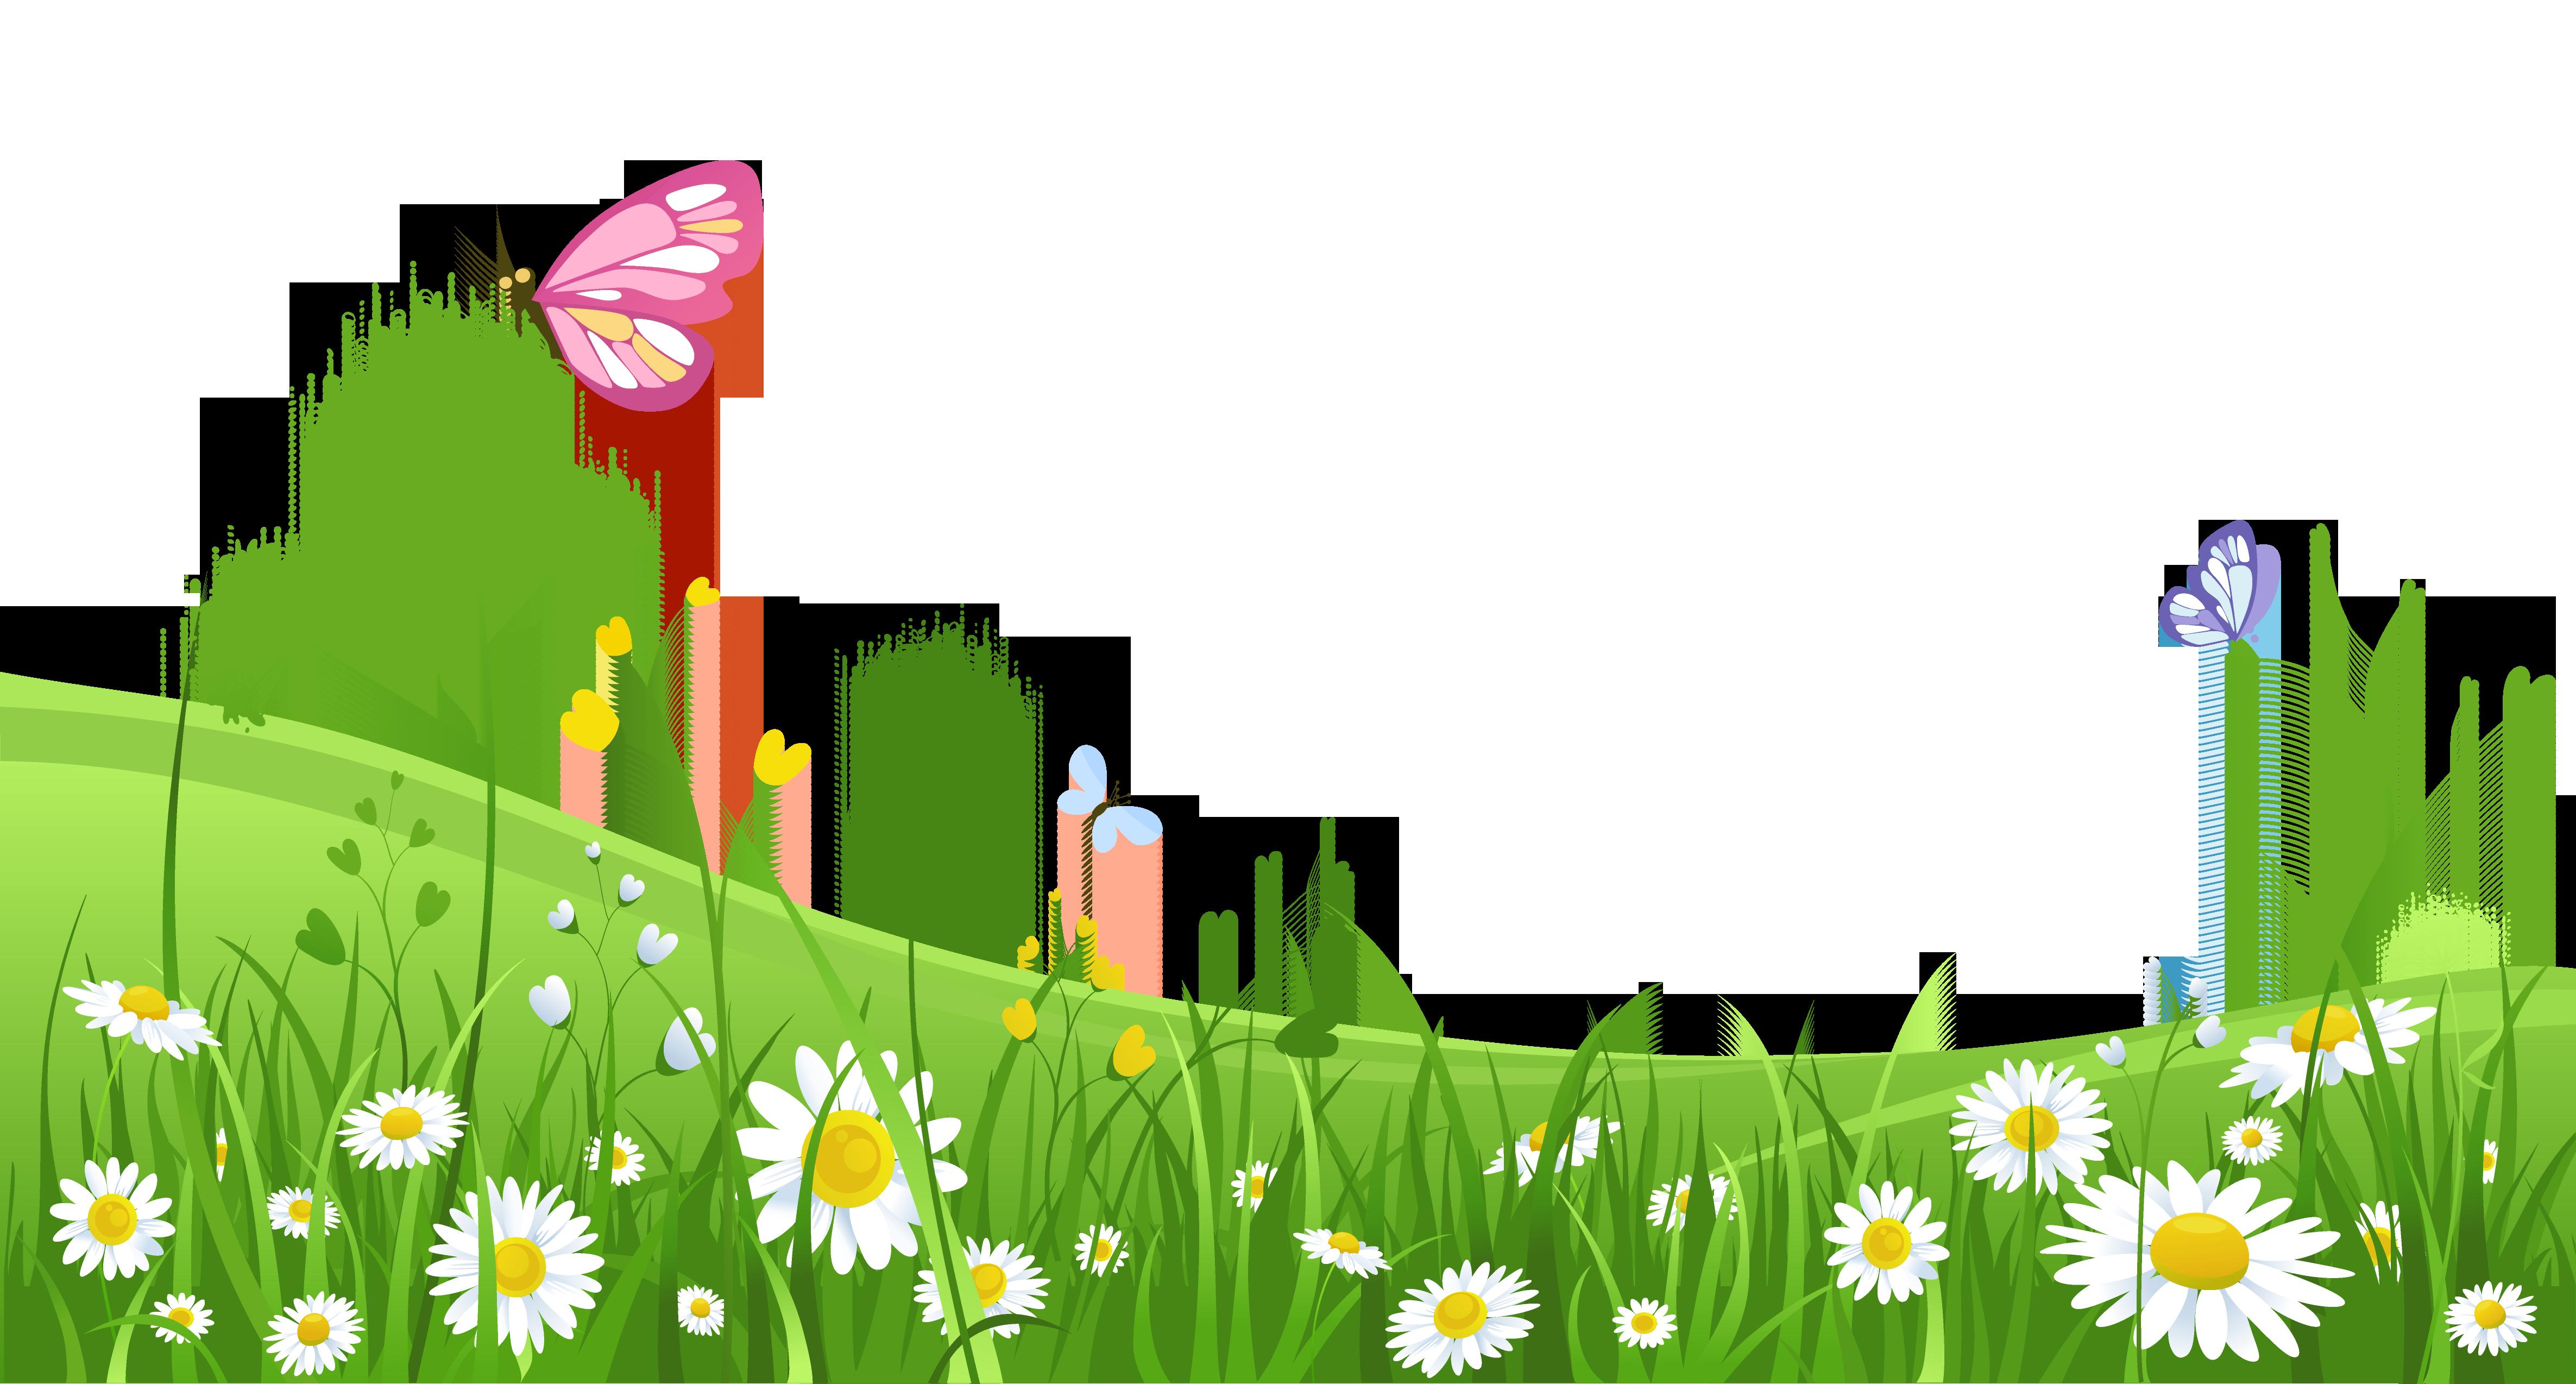 Flower garden background clipart download Grass and flowers clipart background - ClipartFest download